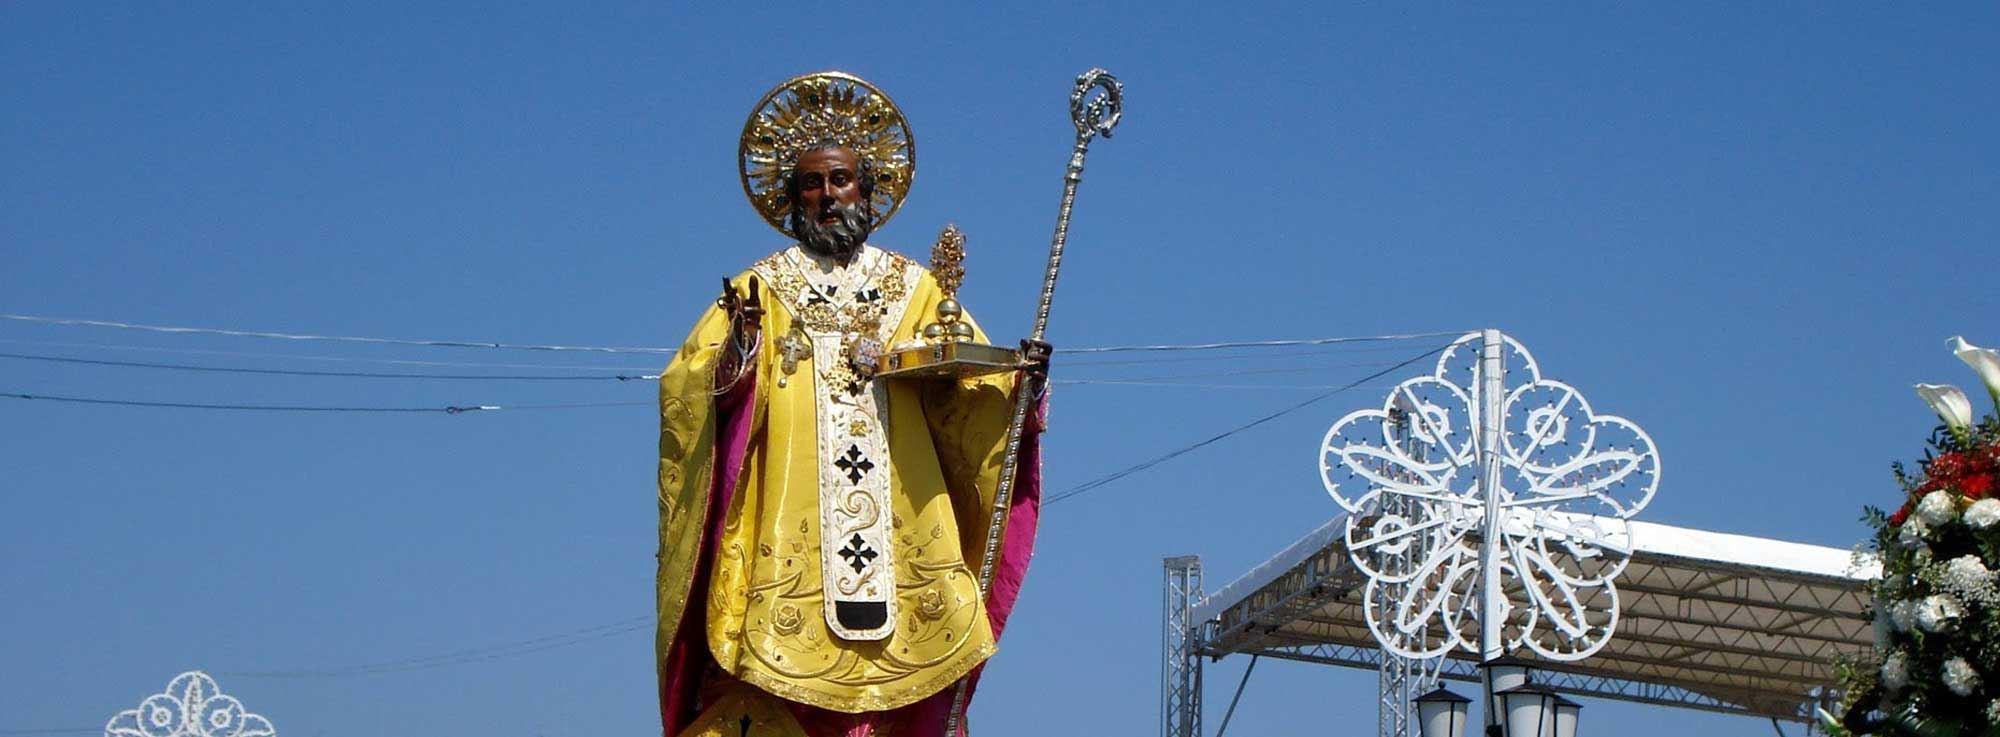 Bari: San Nicola - festa patronale